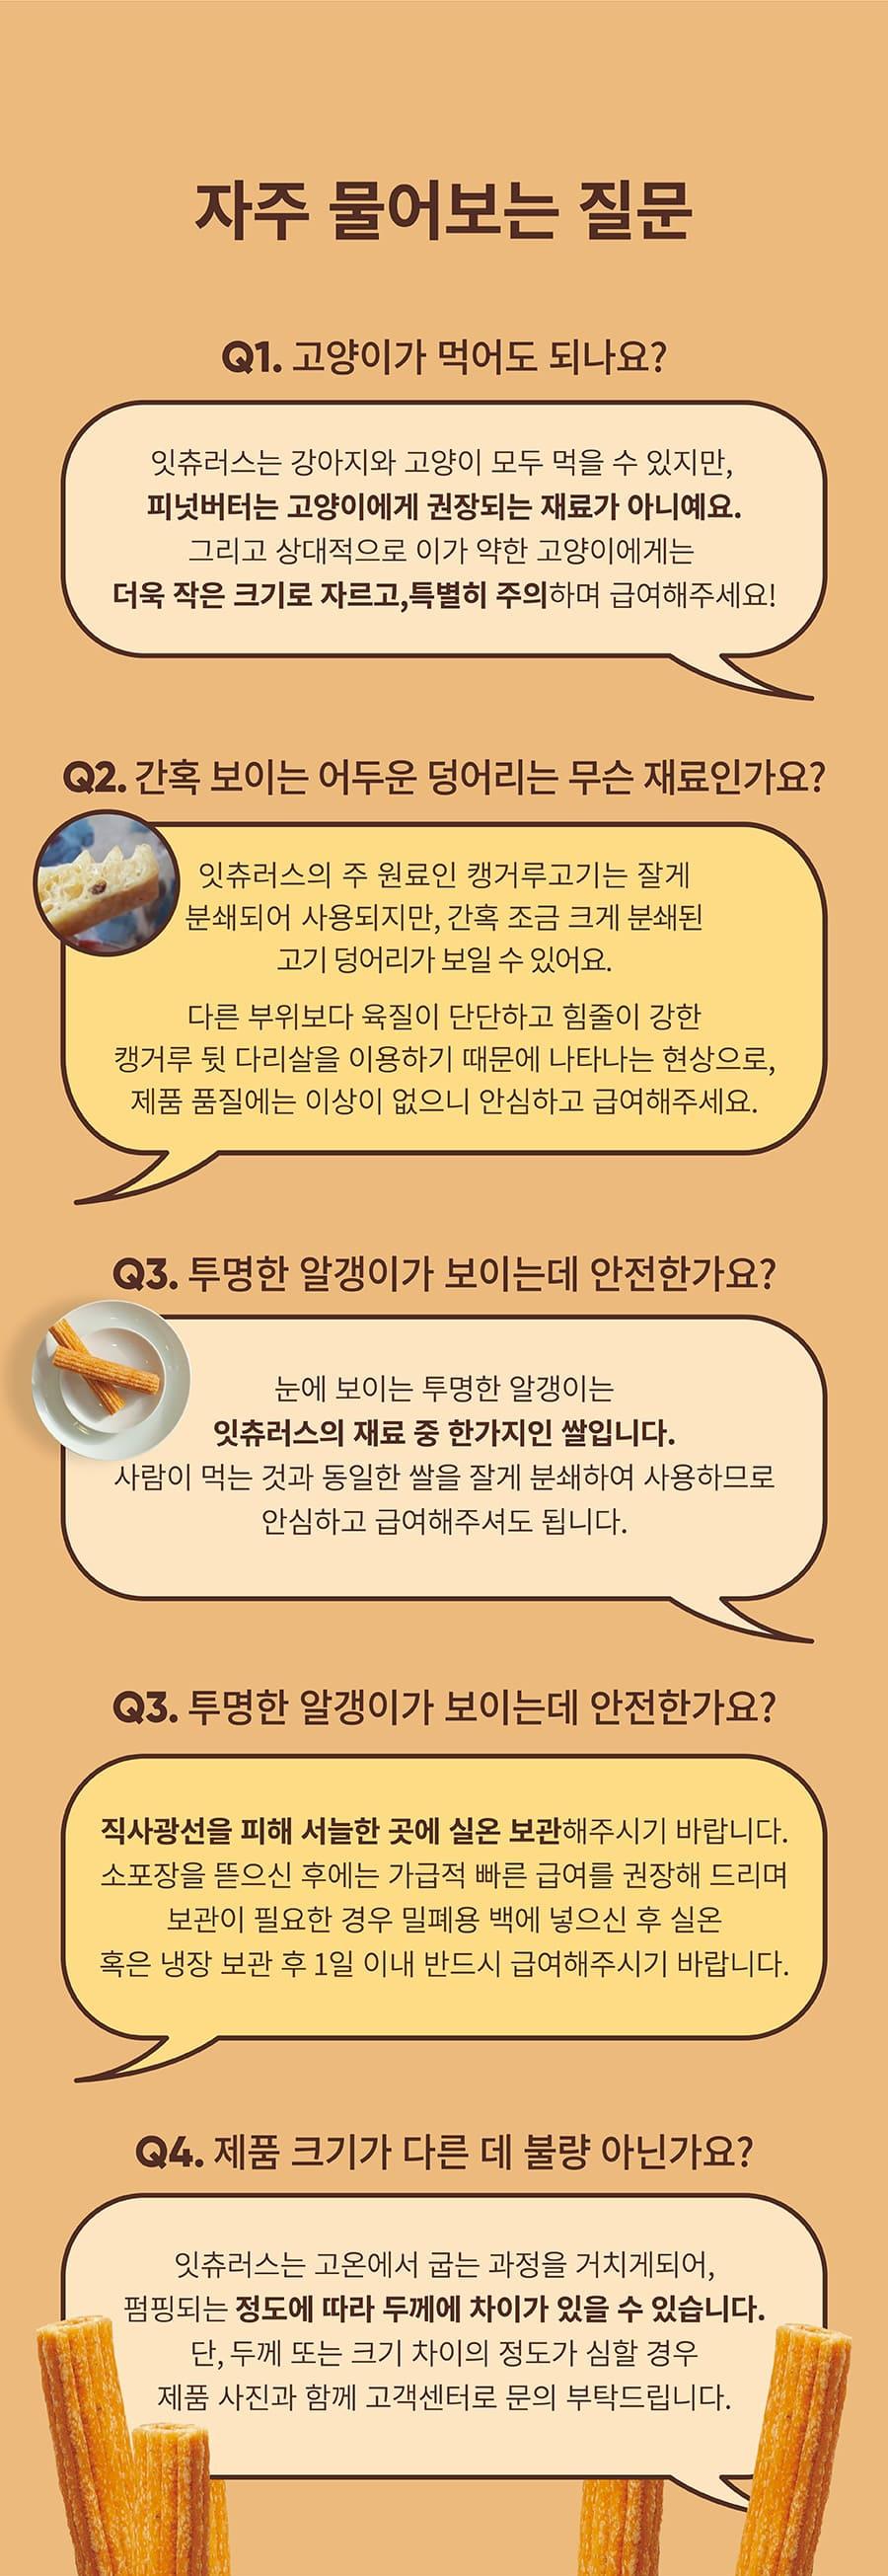 it 더잇츄러스 필링 (바나나/산양유/스피루리나/피넛버터)-상품이미지-12